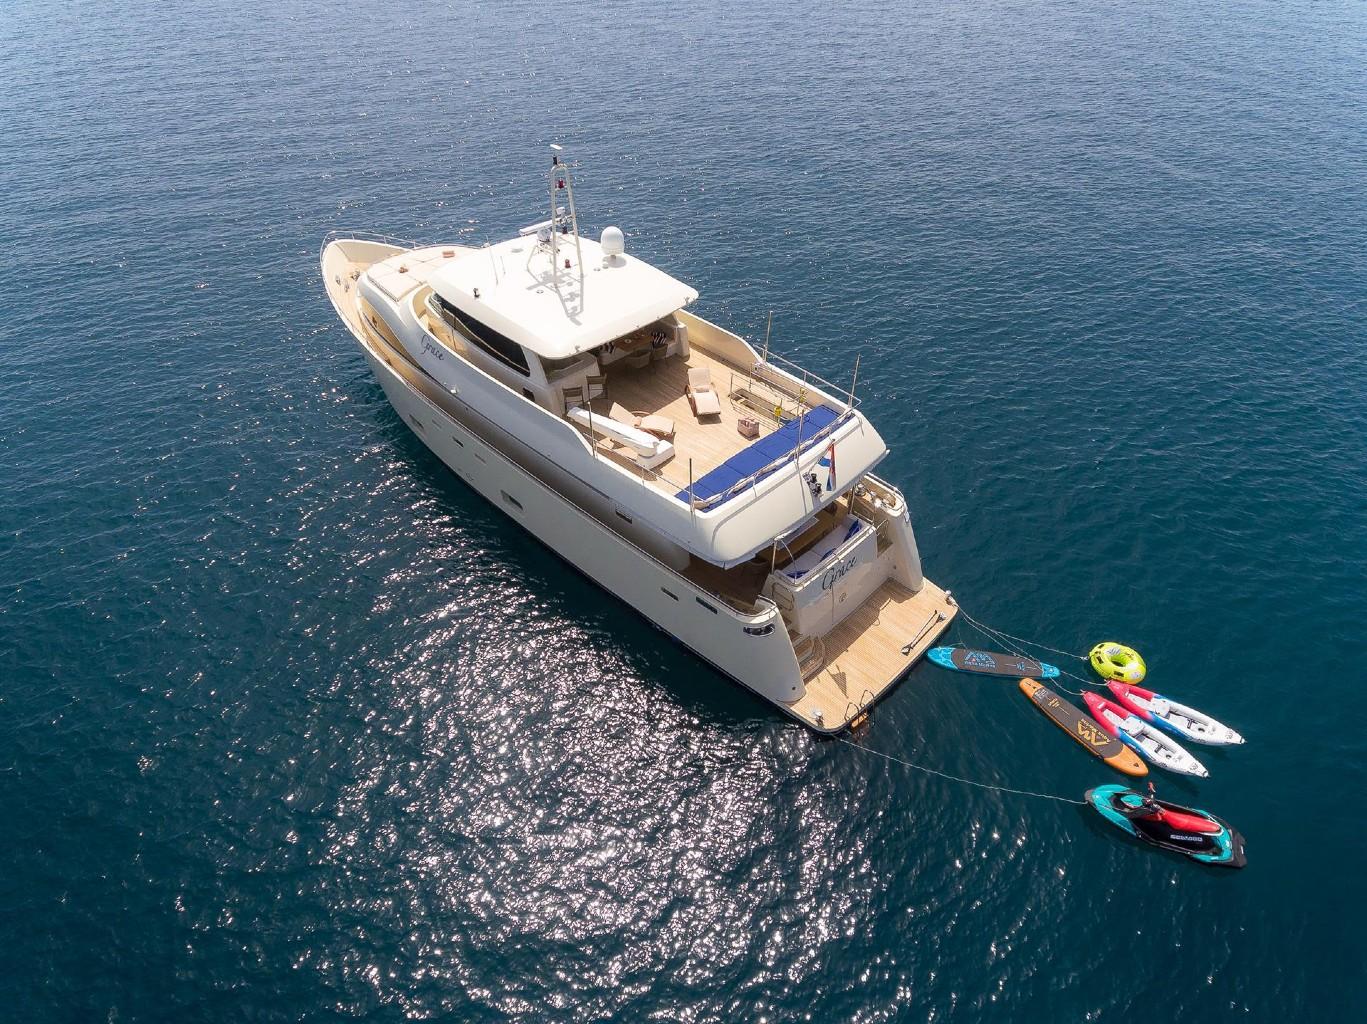 M/Y GRACE - Yacht Charter Deals